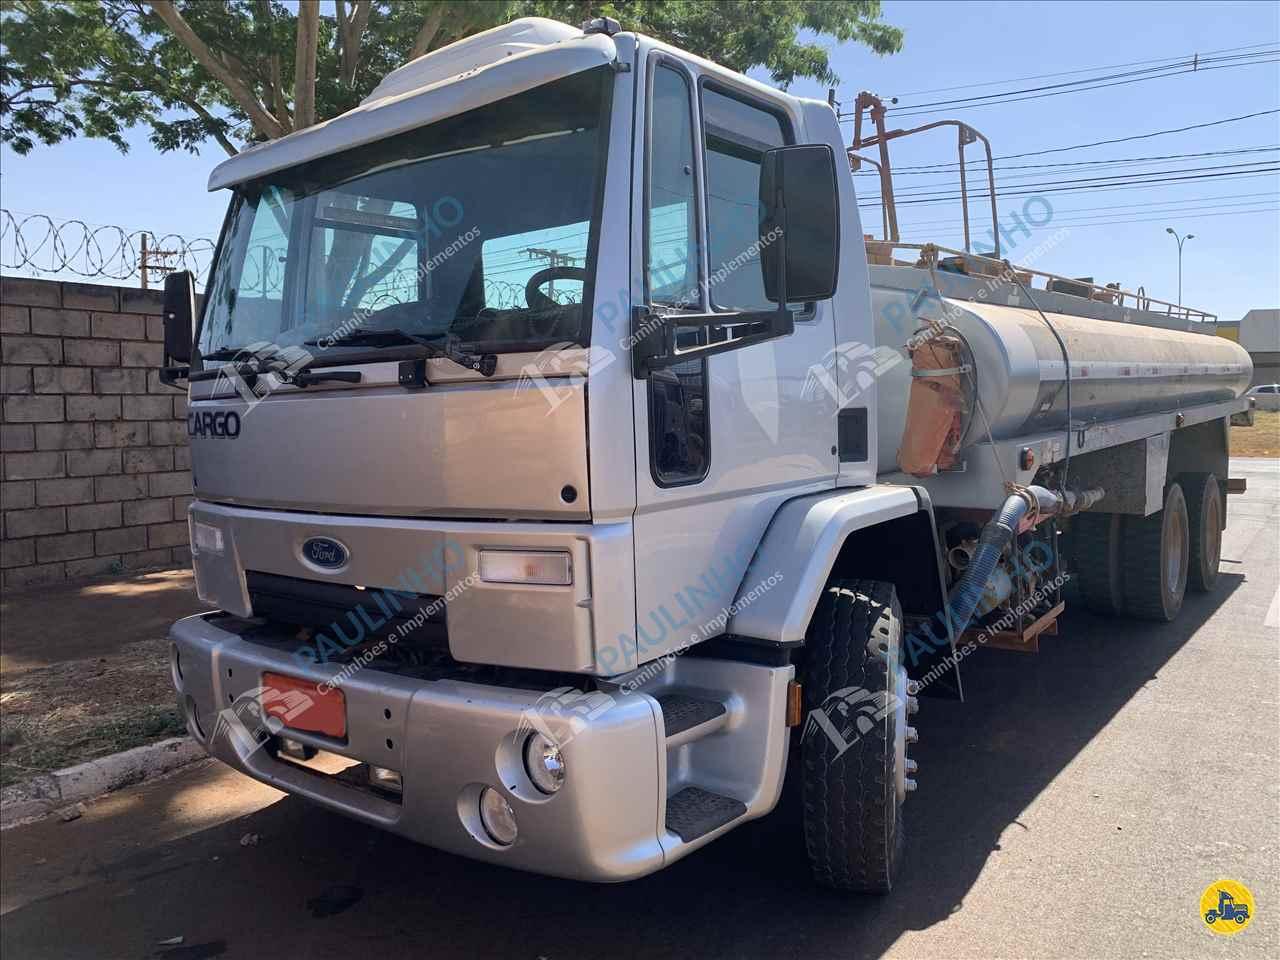 CAMINHAO FORD CARGO 1722 Tanque Pipa Truck 6x2 Paulinho Caminhões RIO VERDE GOIAS GO